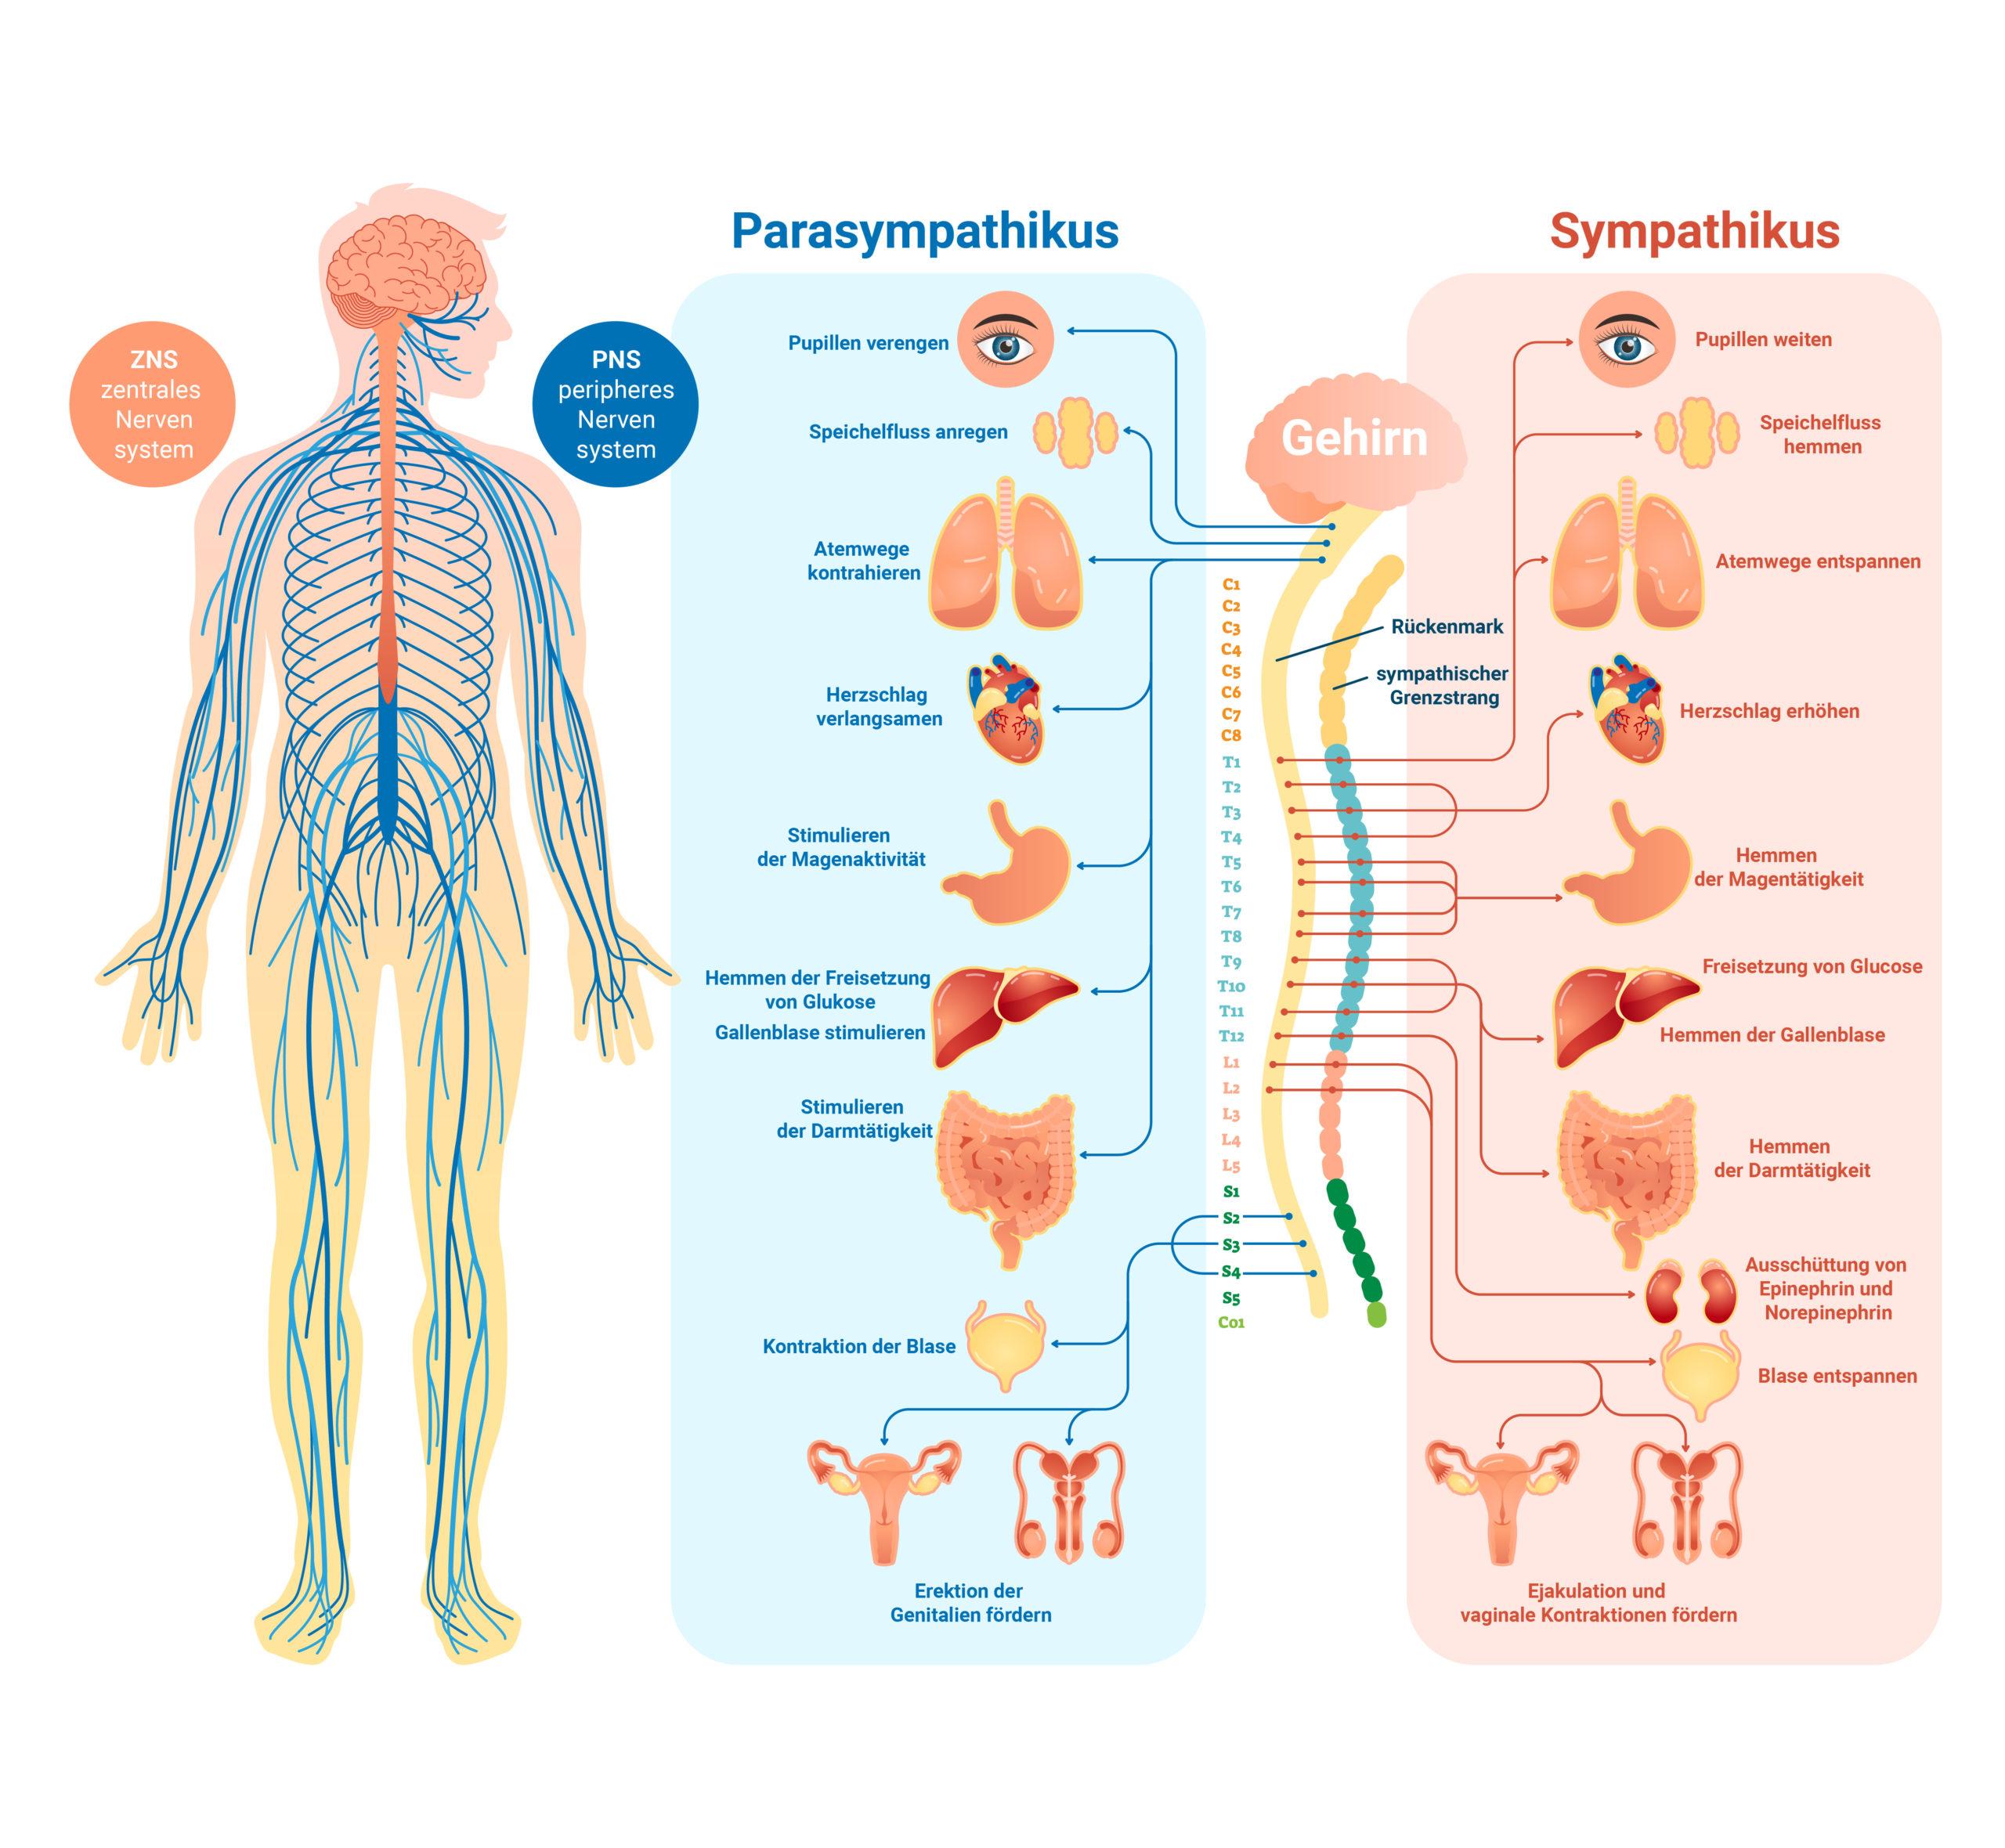 Medizinische Darstellung des menschlichen Nervensystems mit Parasympathikus und Sympathikus.